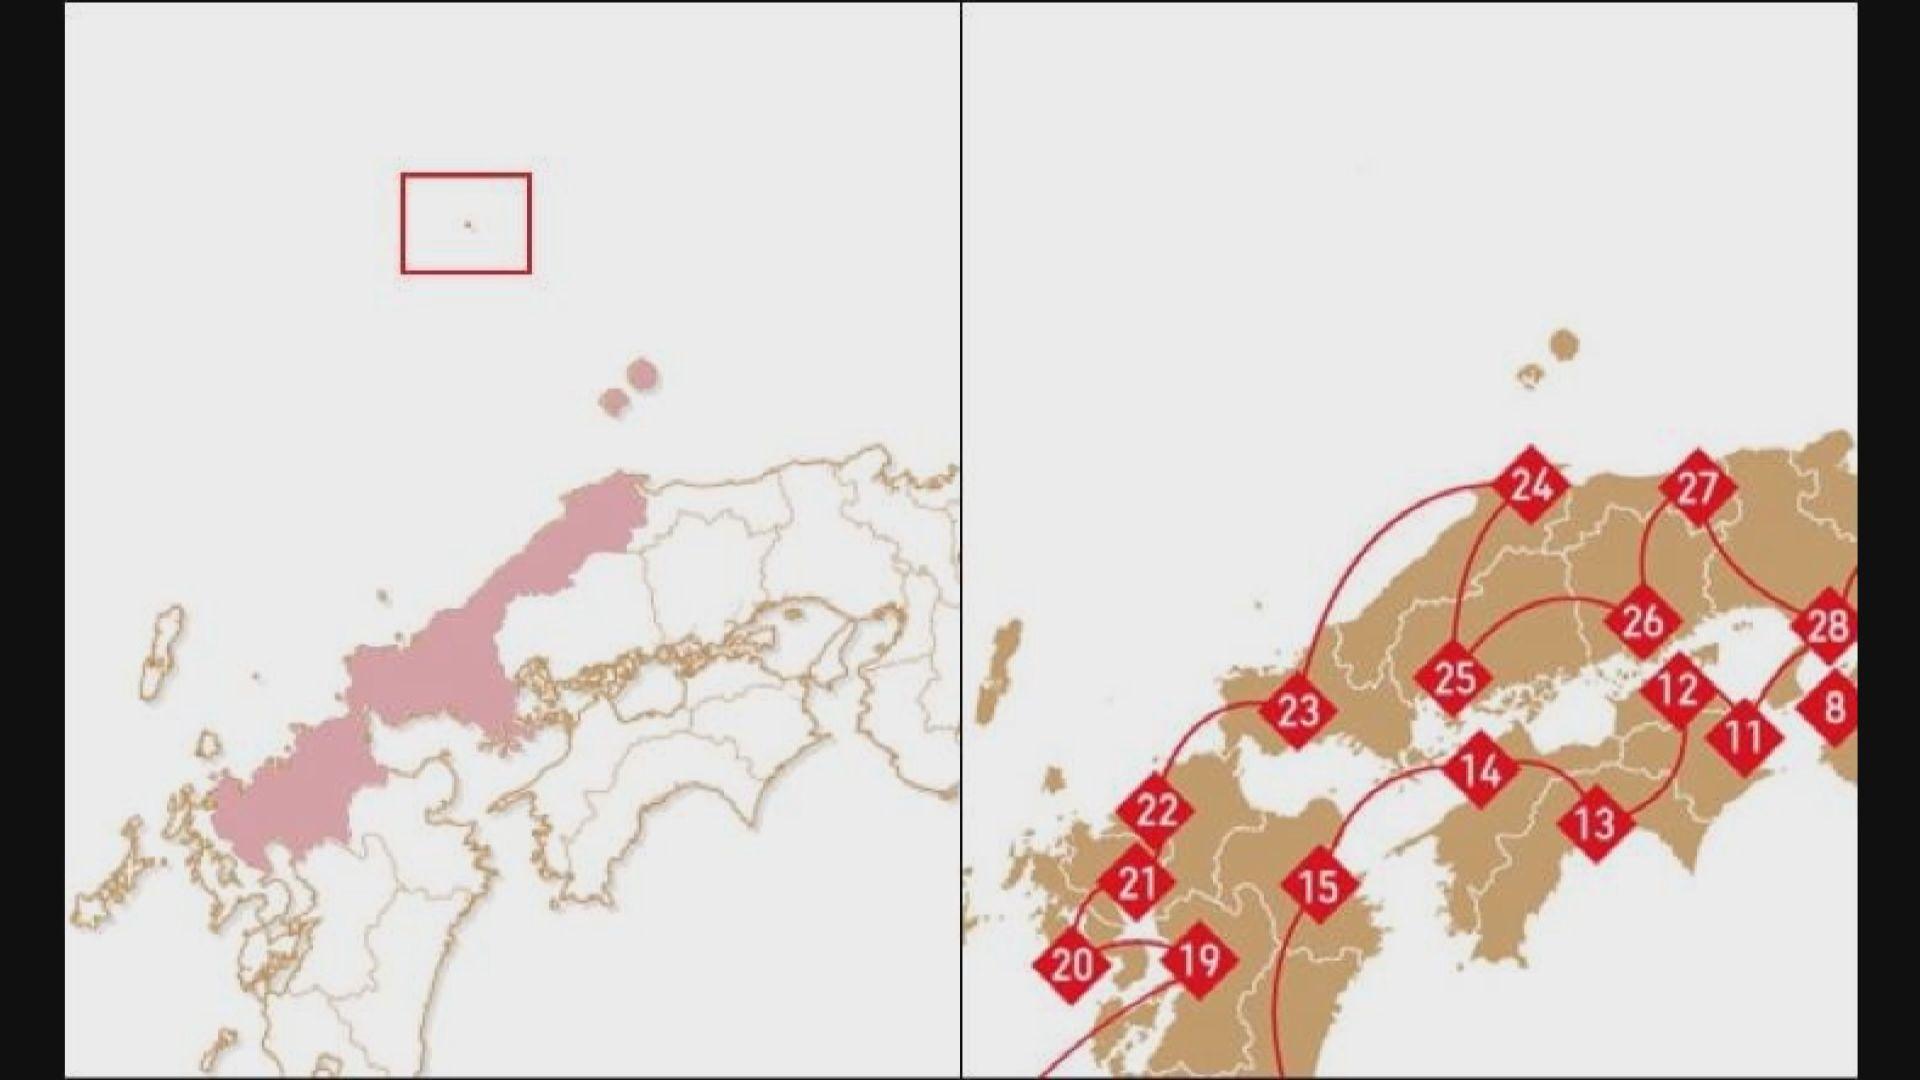 南韓指日本將爭議島嶼標示為領土 傳召外交官抗議